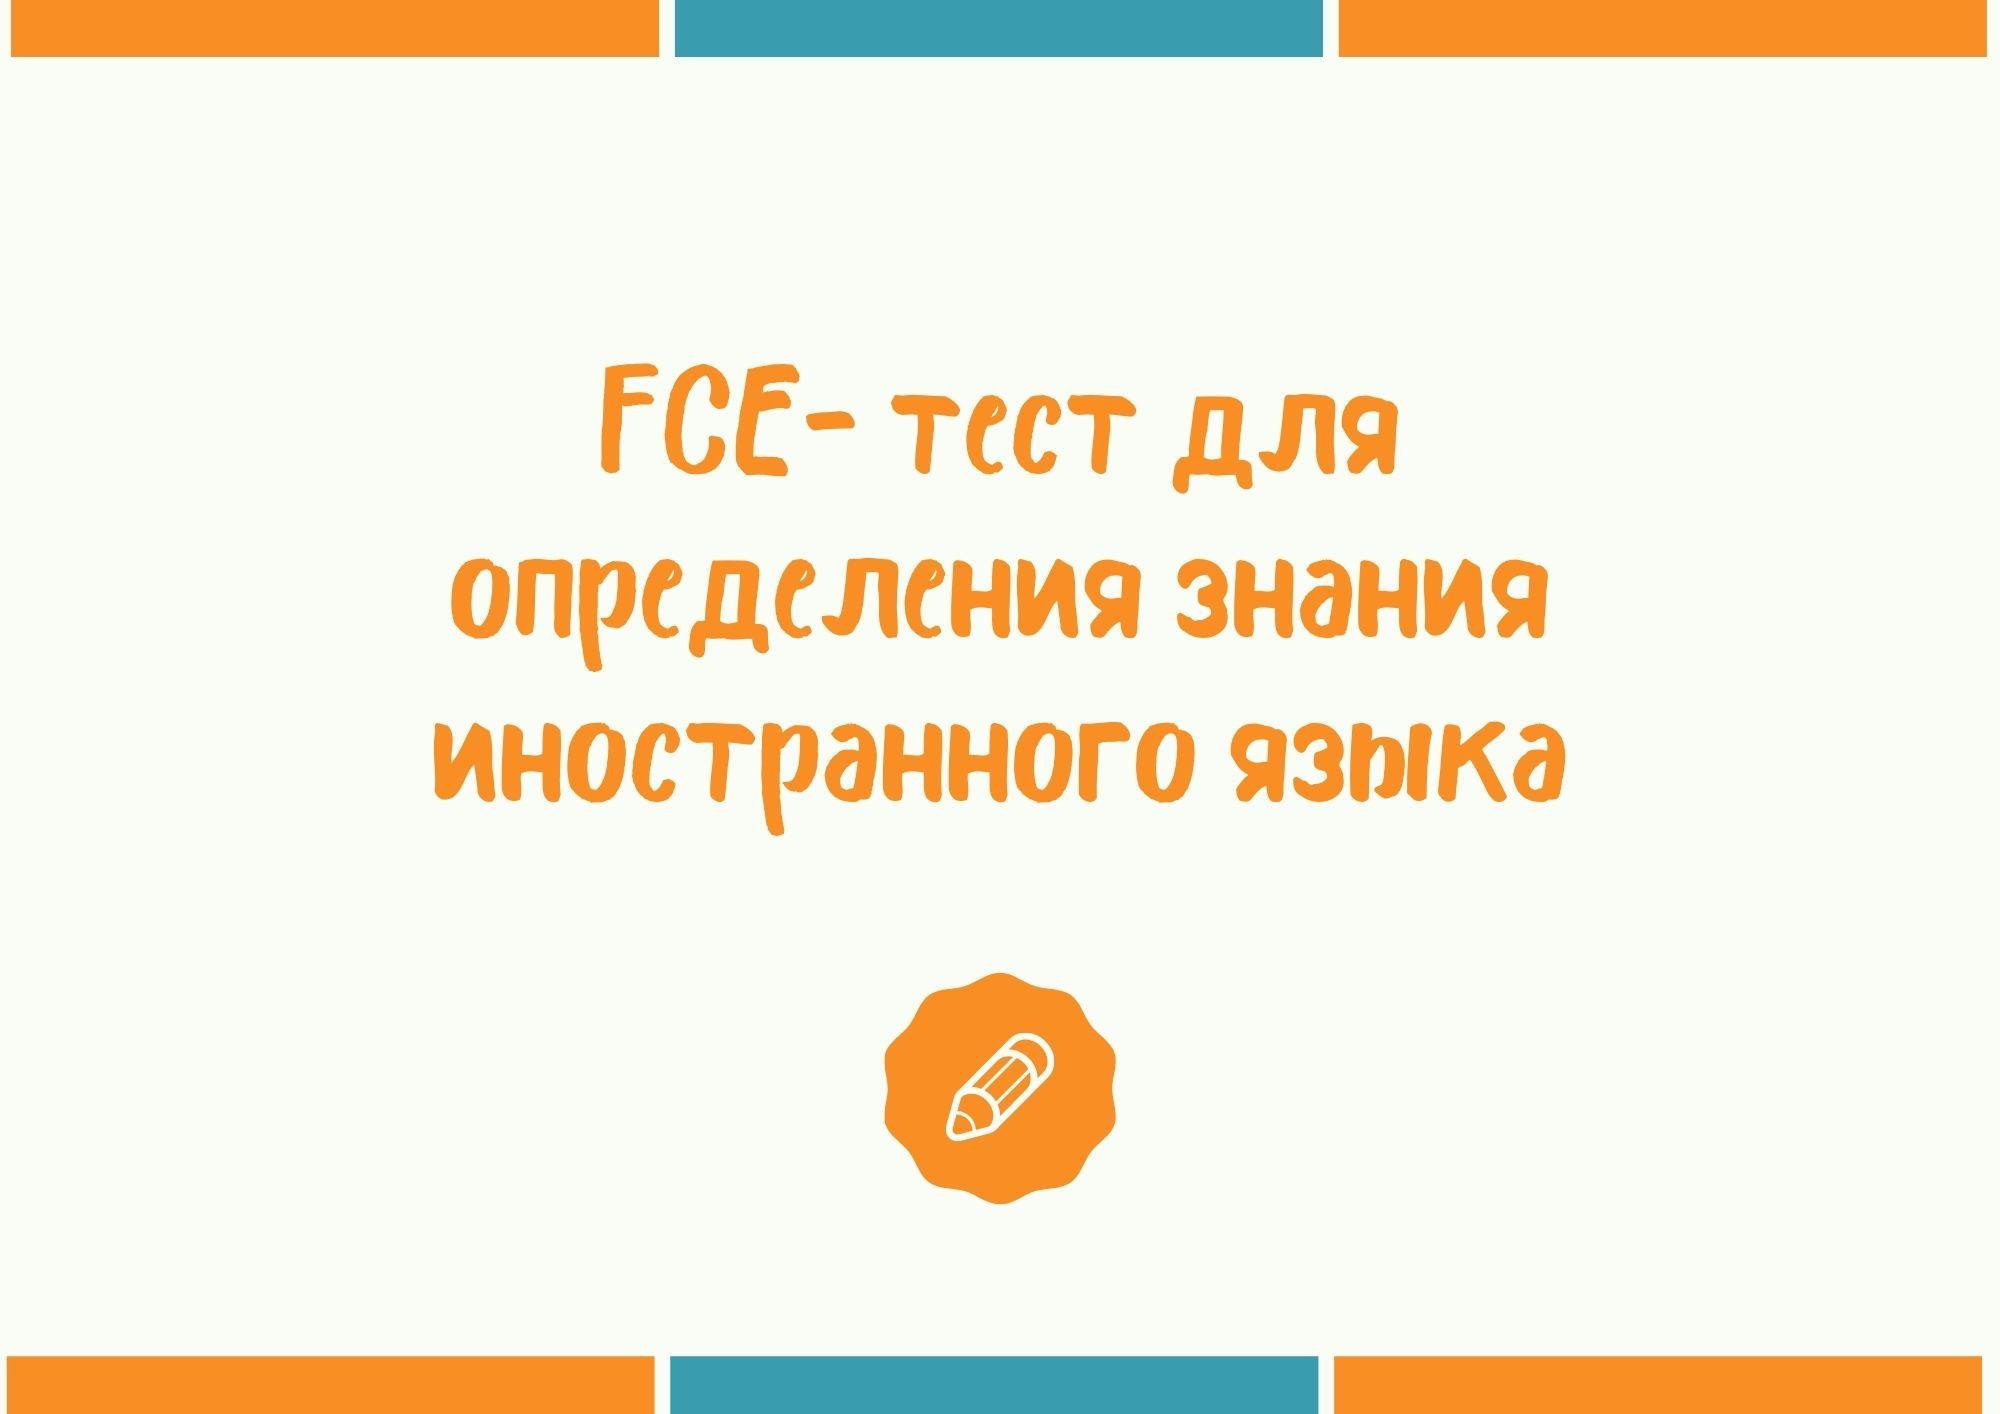 FCE- тест для определения знания иностранного языка